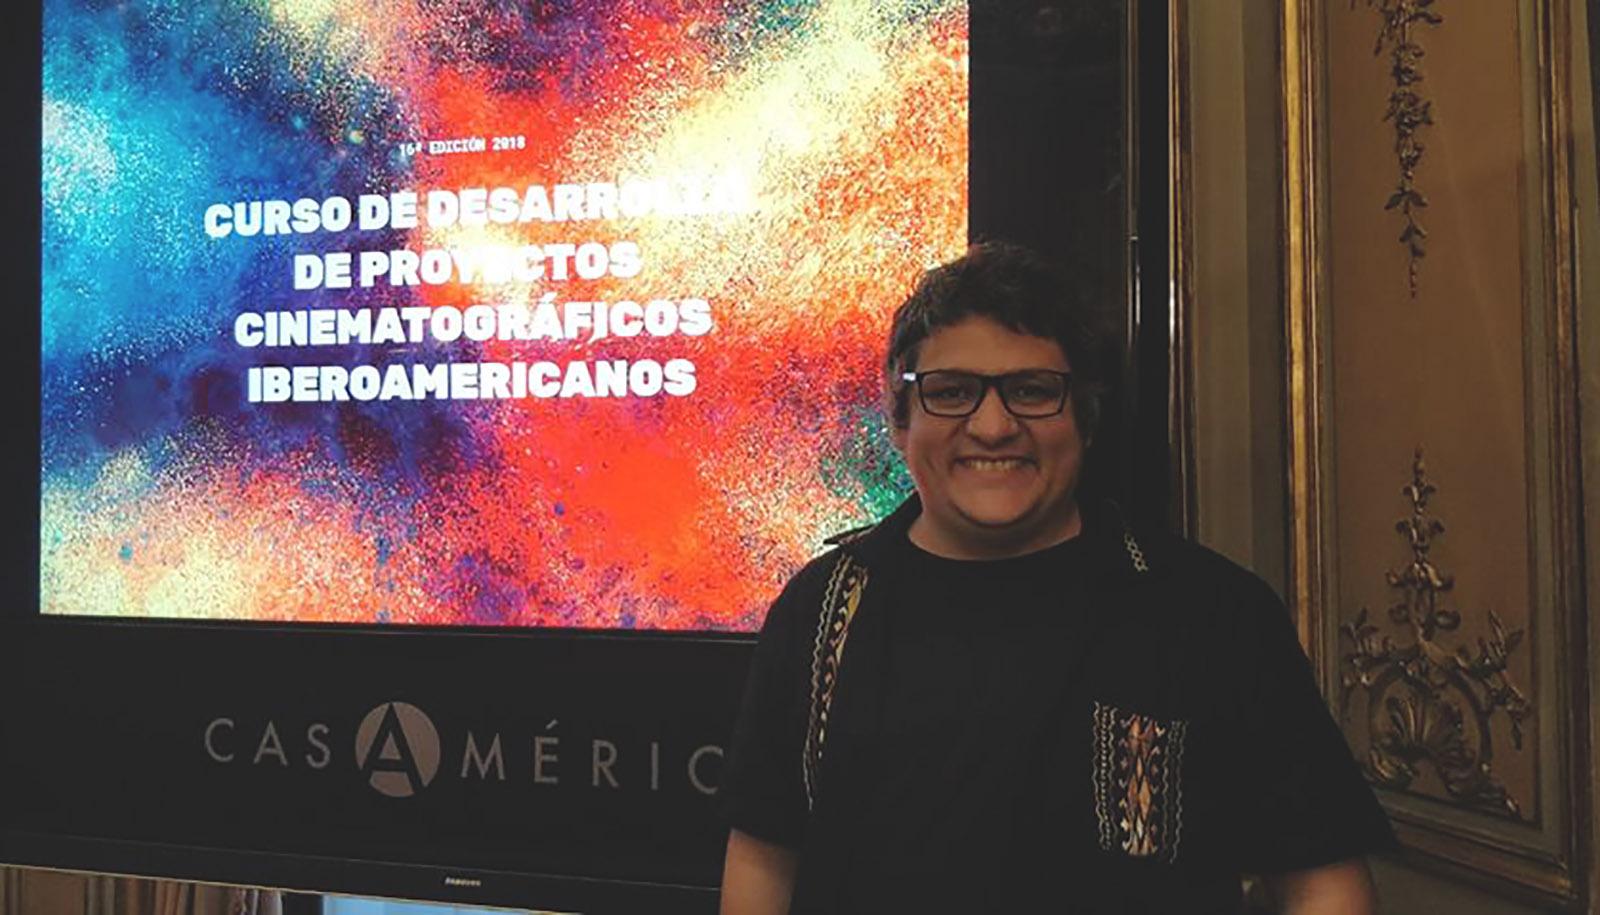 El director Miguel Agüero compartirá con el público la «Maratón Oberá en Cortos» en IMAX